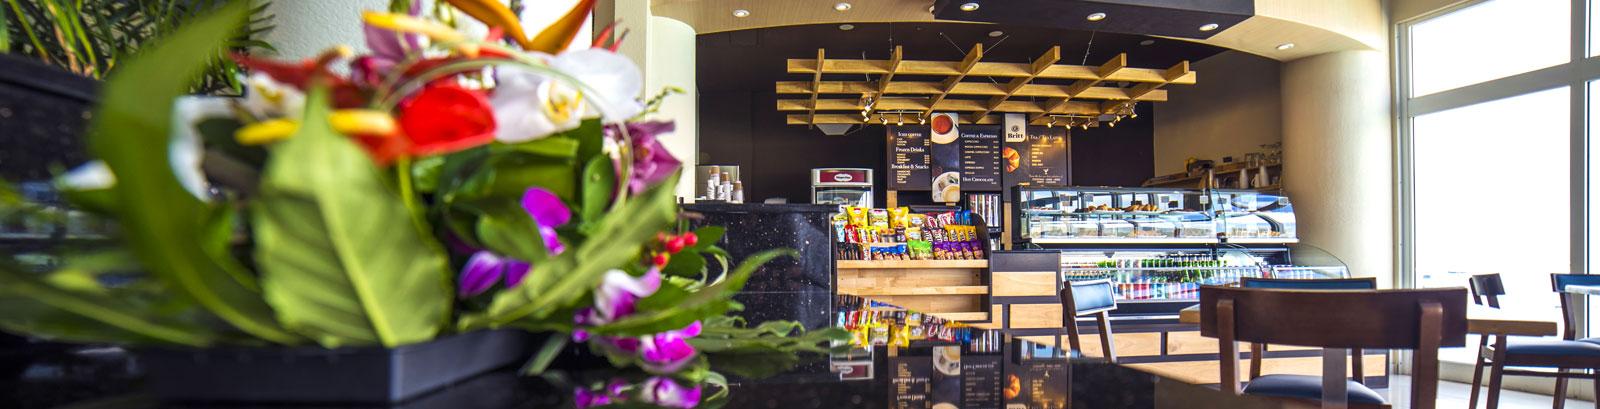 Café Britt - Nos recommandations à Simpson Bay Resort & Marina